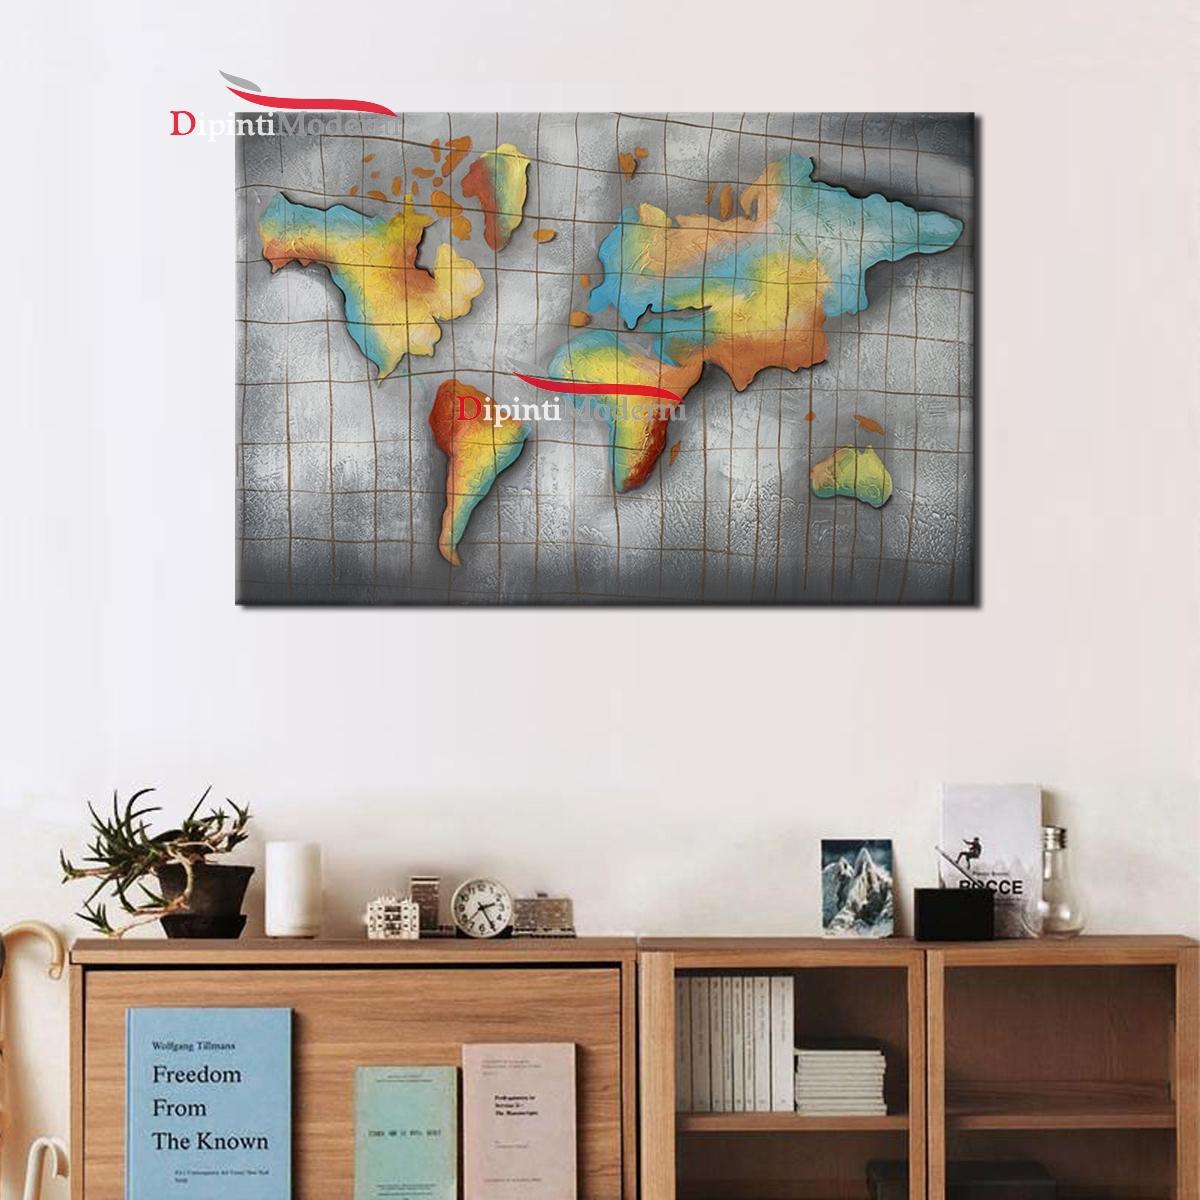 Cartina Giografica.Quadri Moderni Cartina Geografica Mondo Colorato Dipinti Moderni